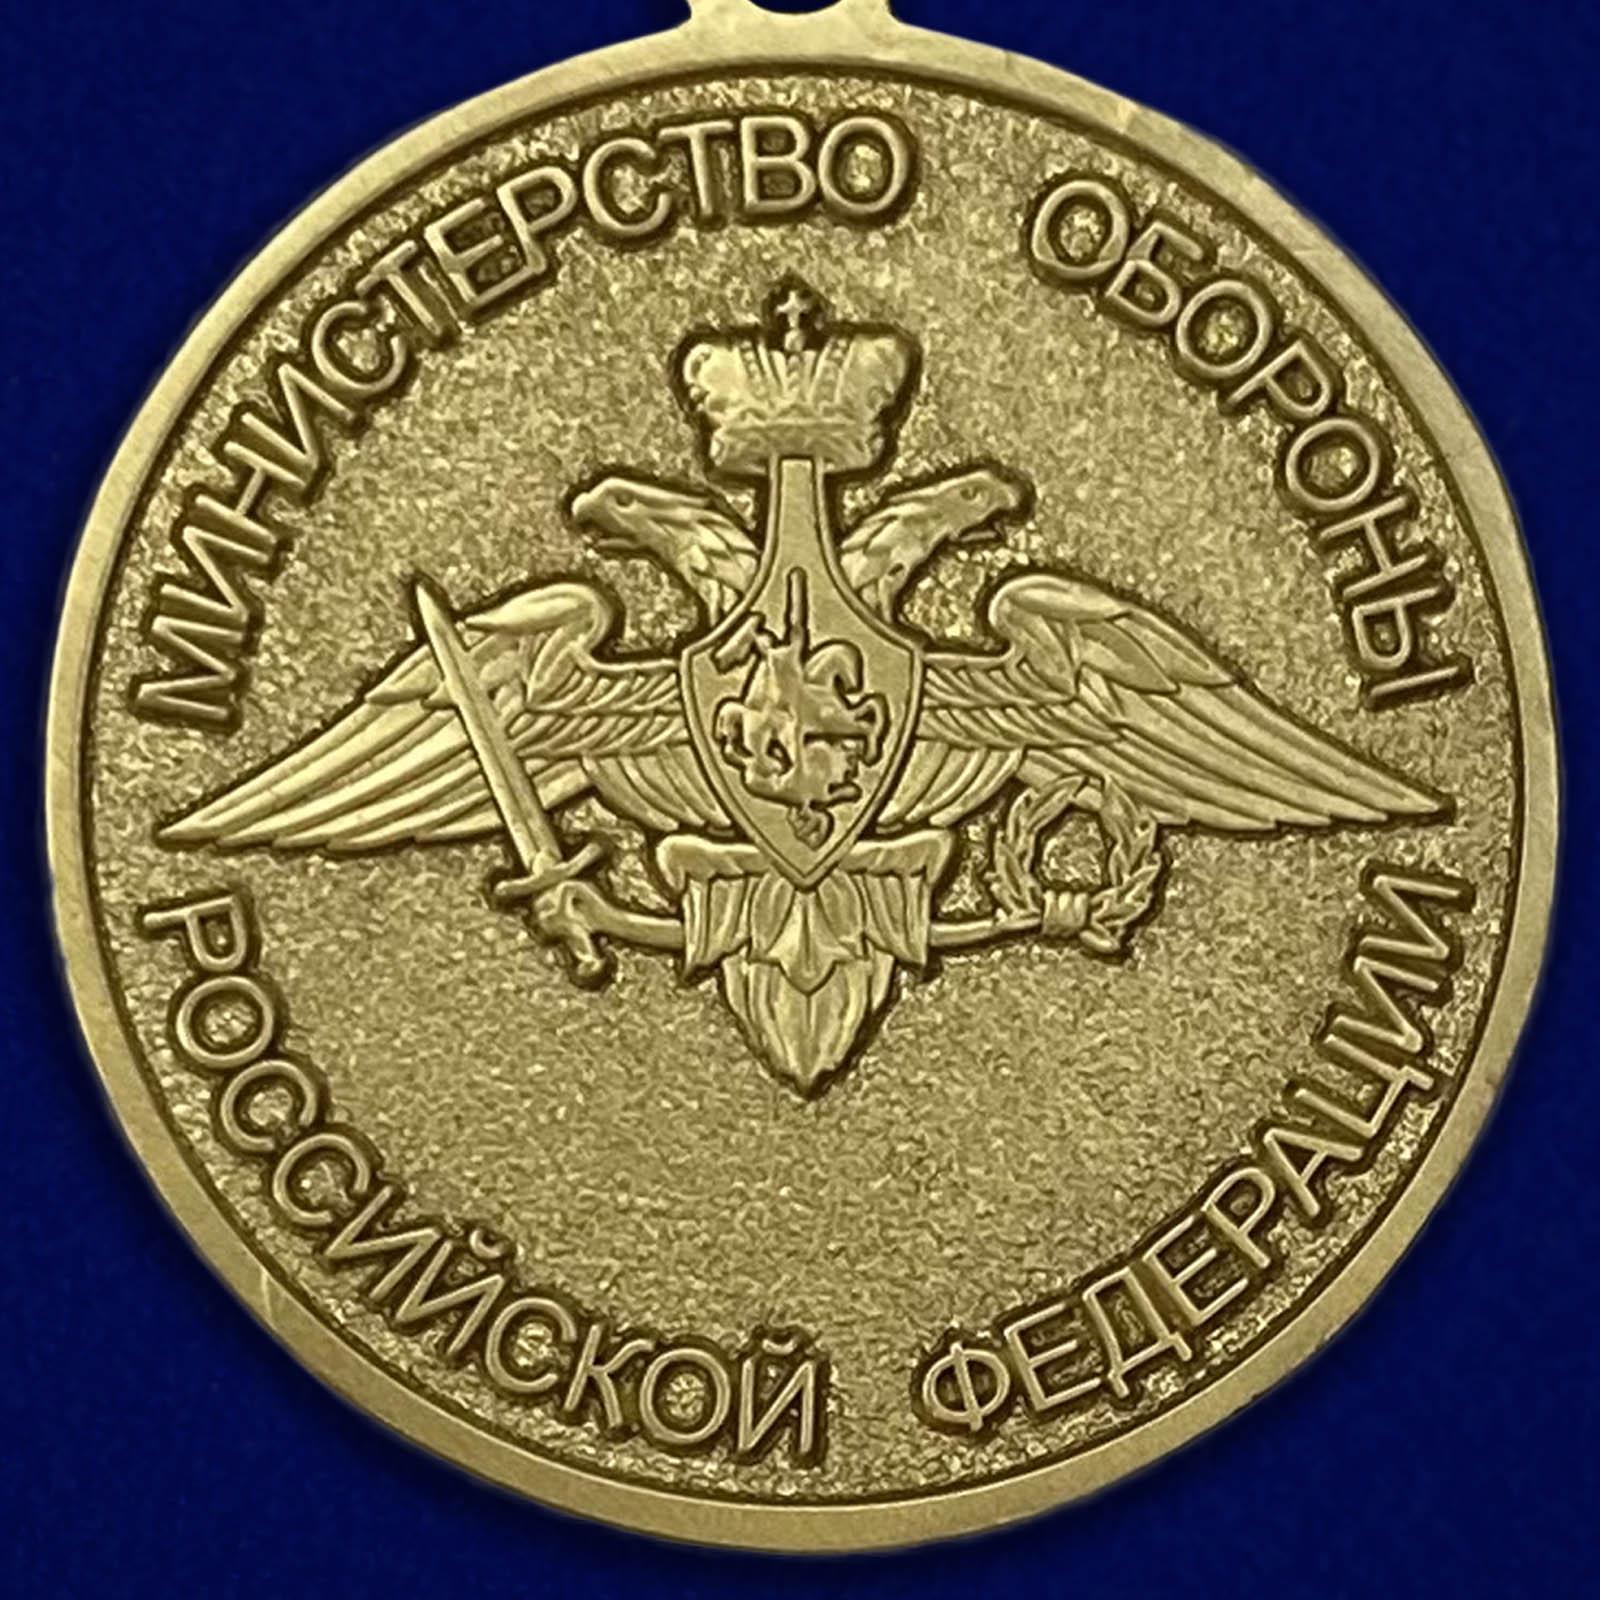 """Купить медаль """"Маршал Кутахов"""""""